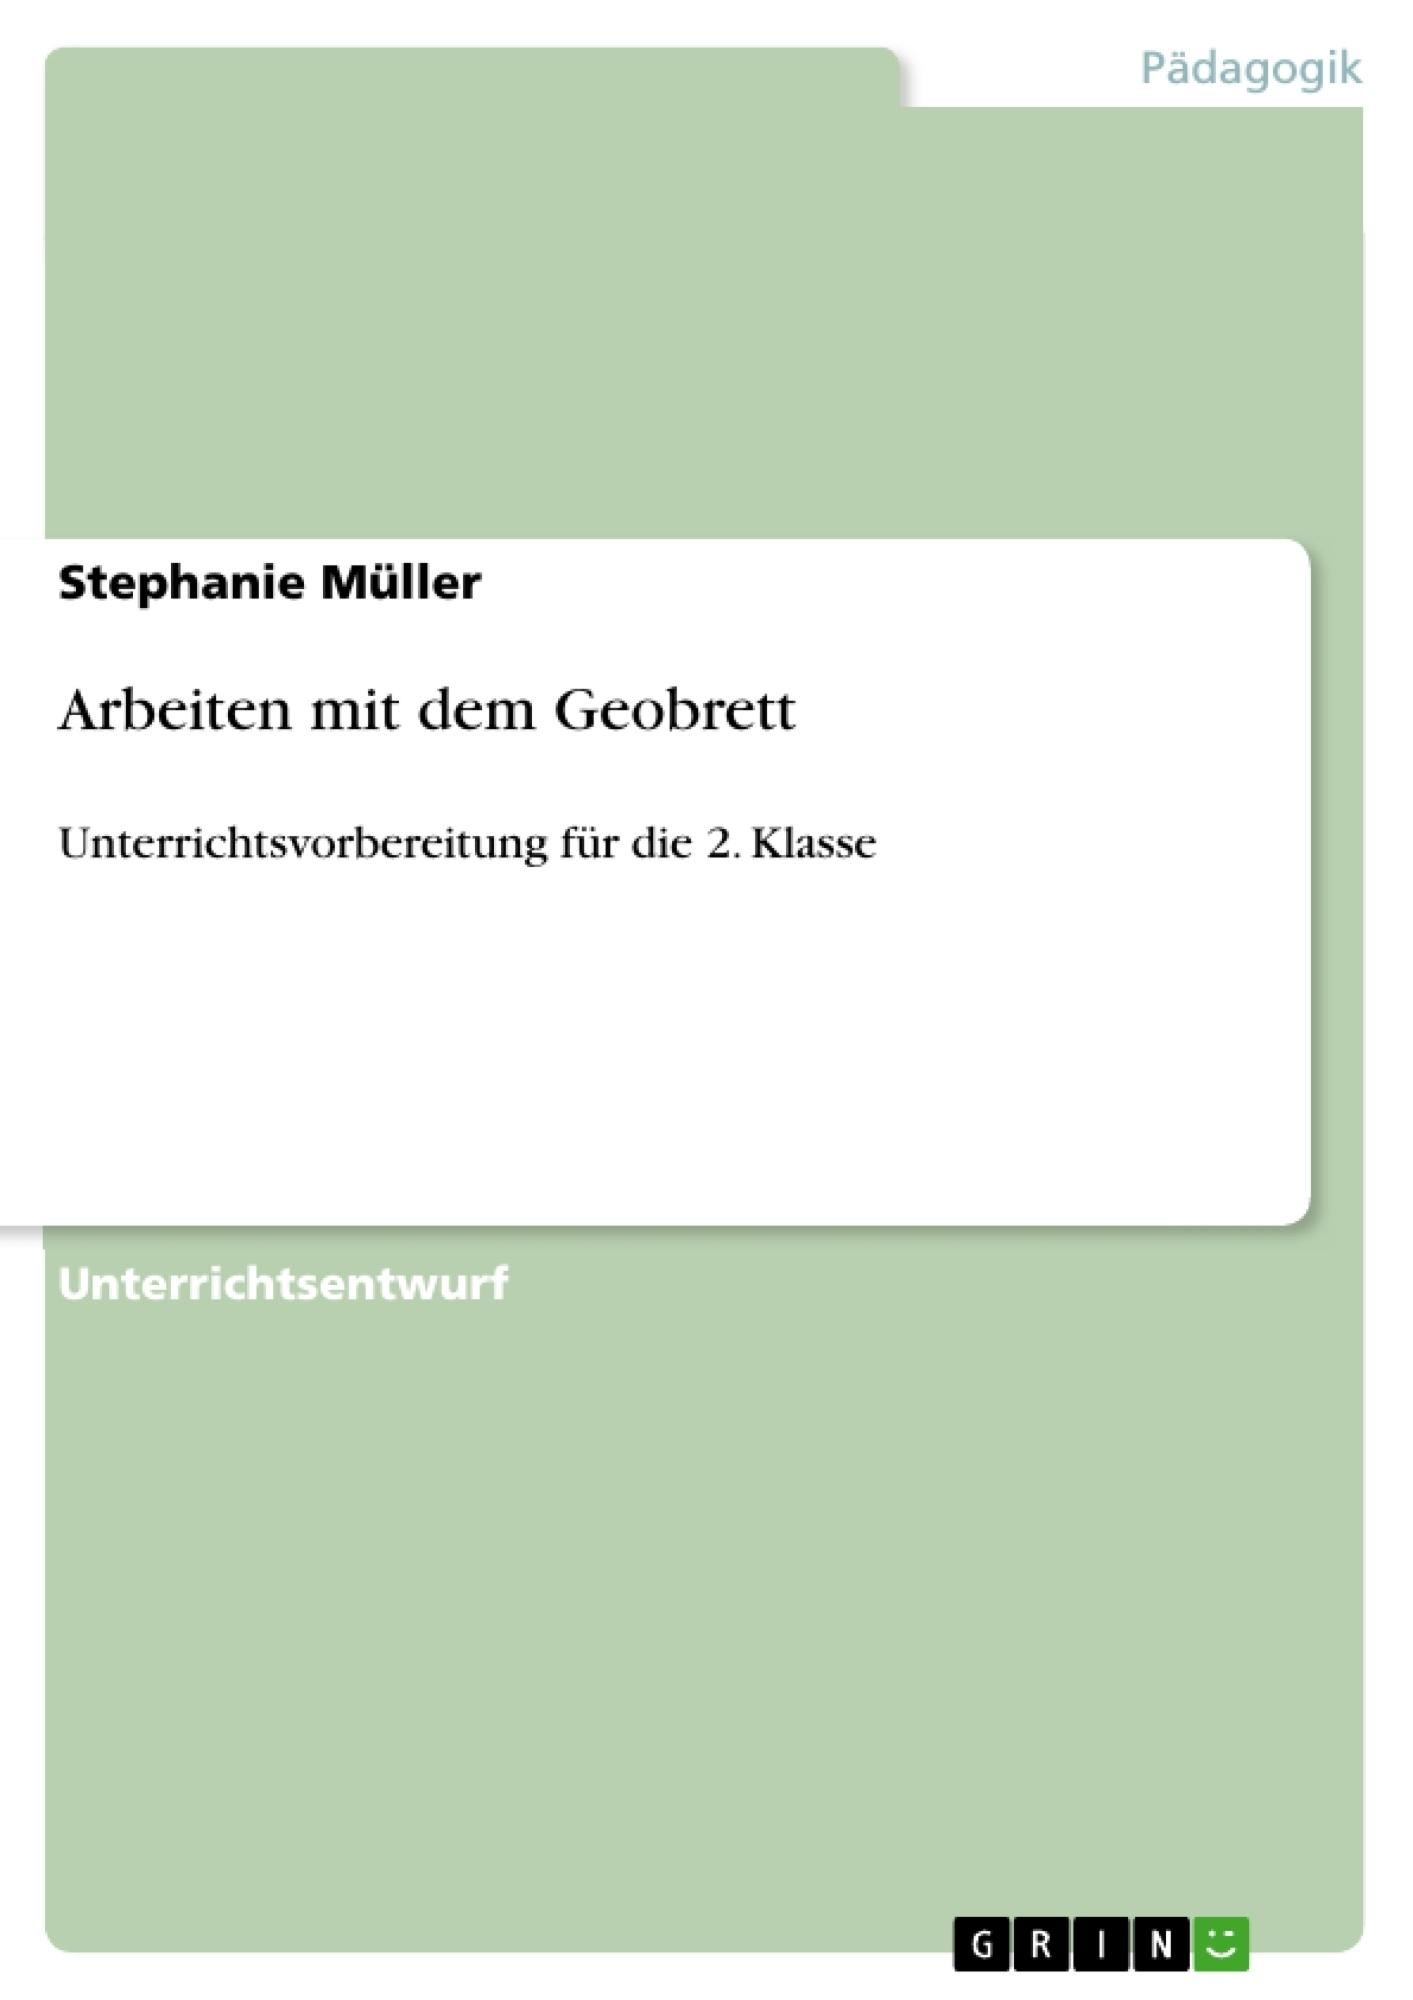 Titel: Unterrichtsstunde: Mathematik - Arbeiten mit dem Geobrett